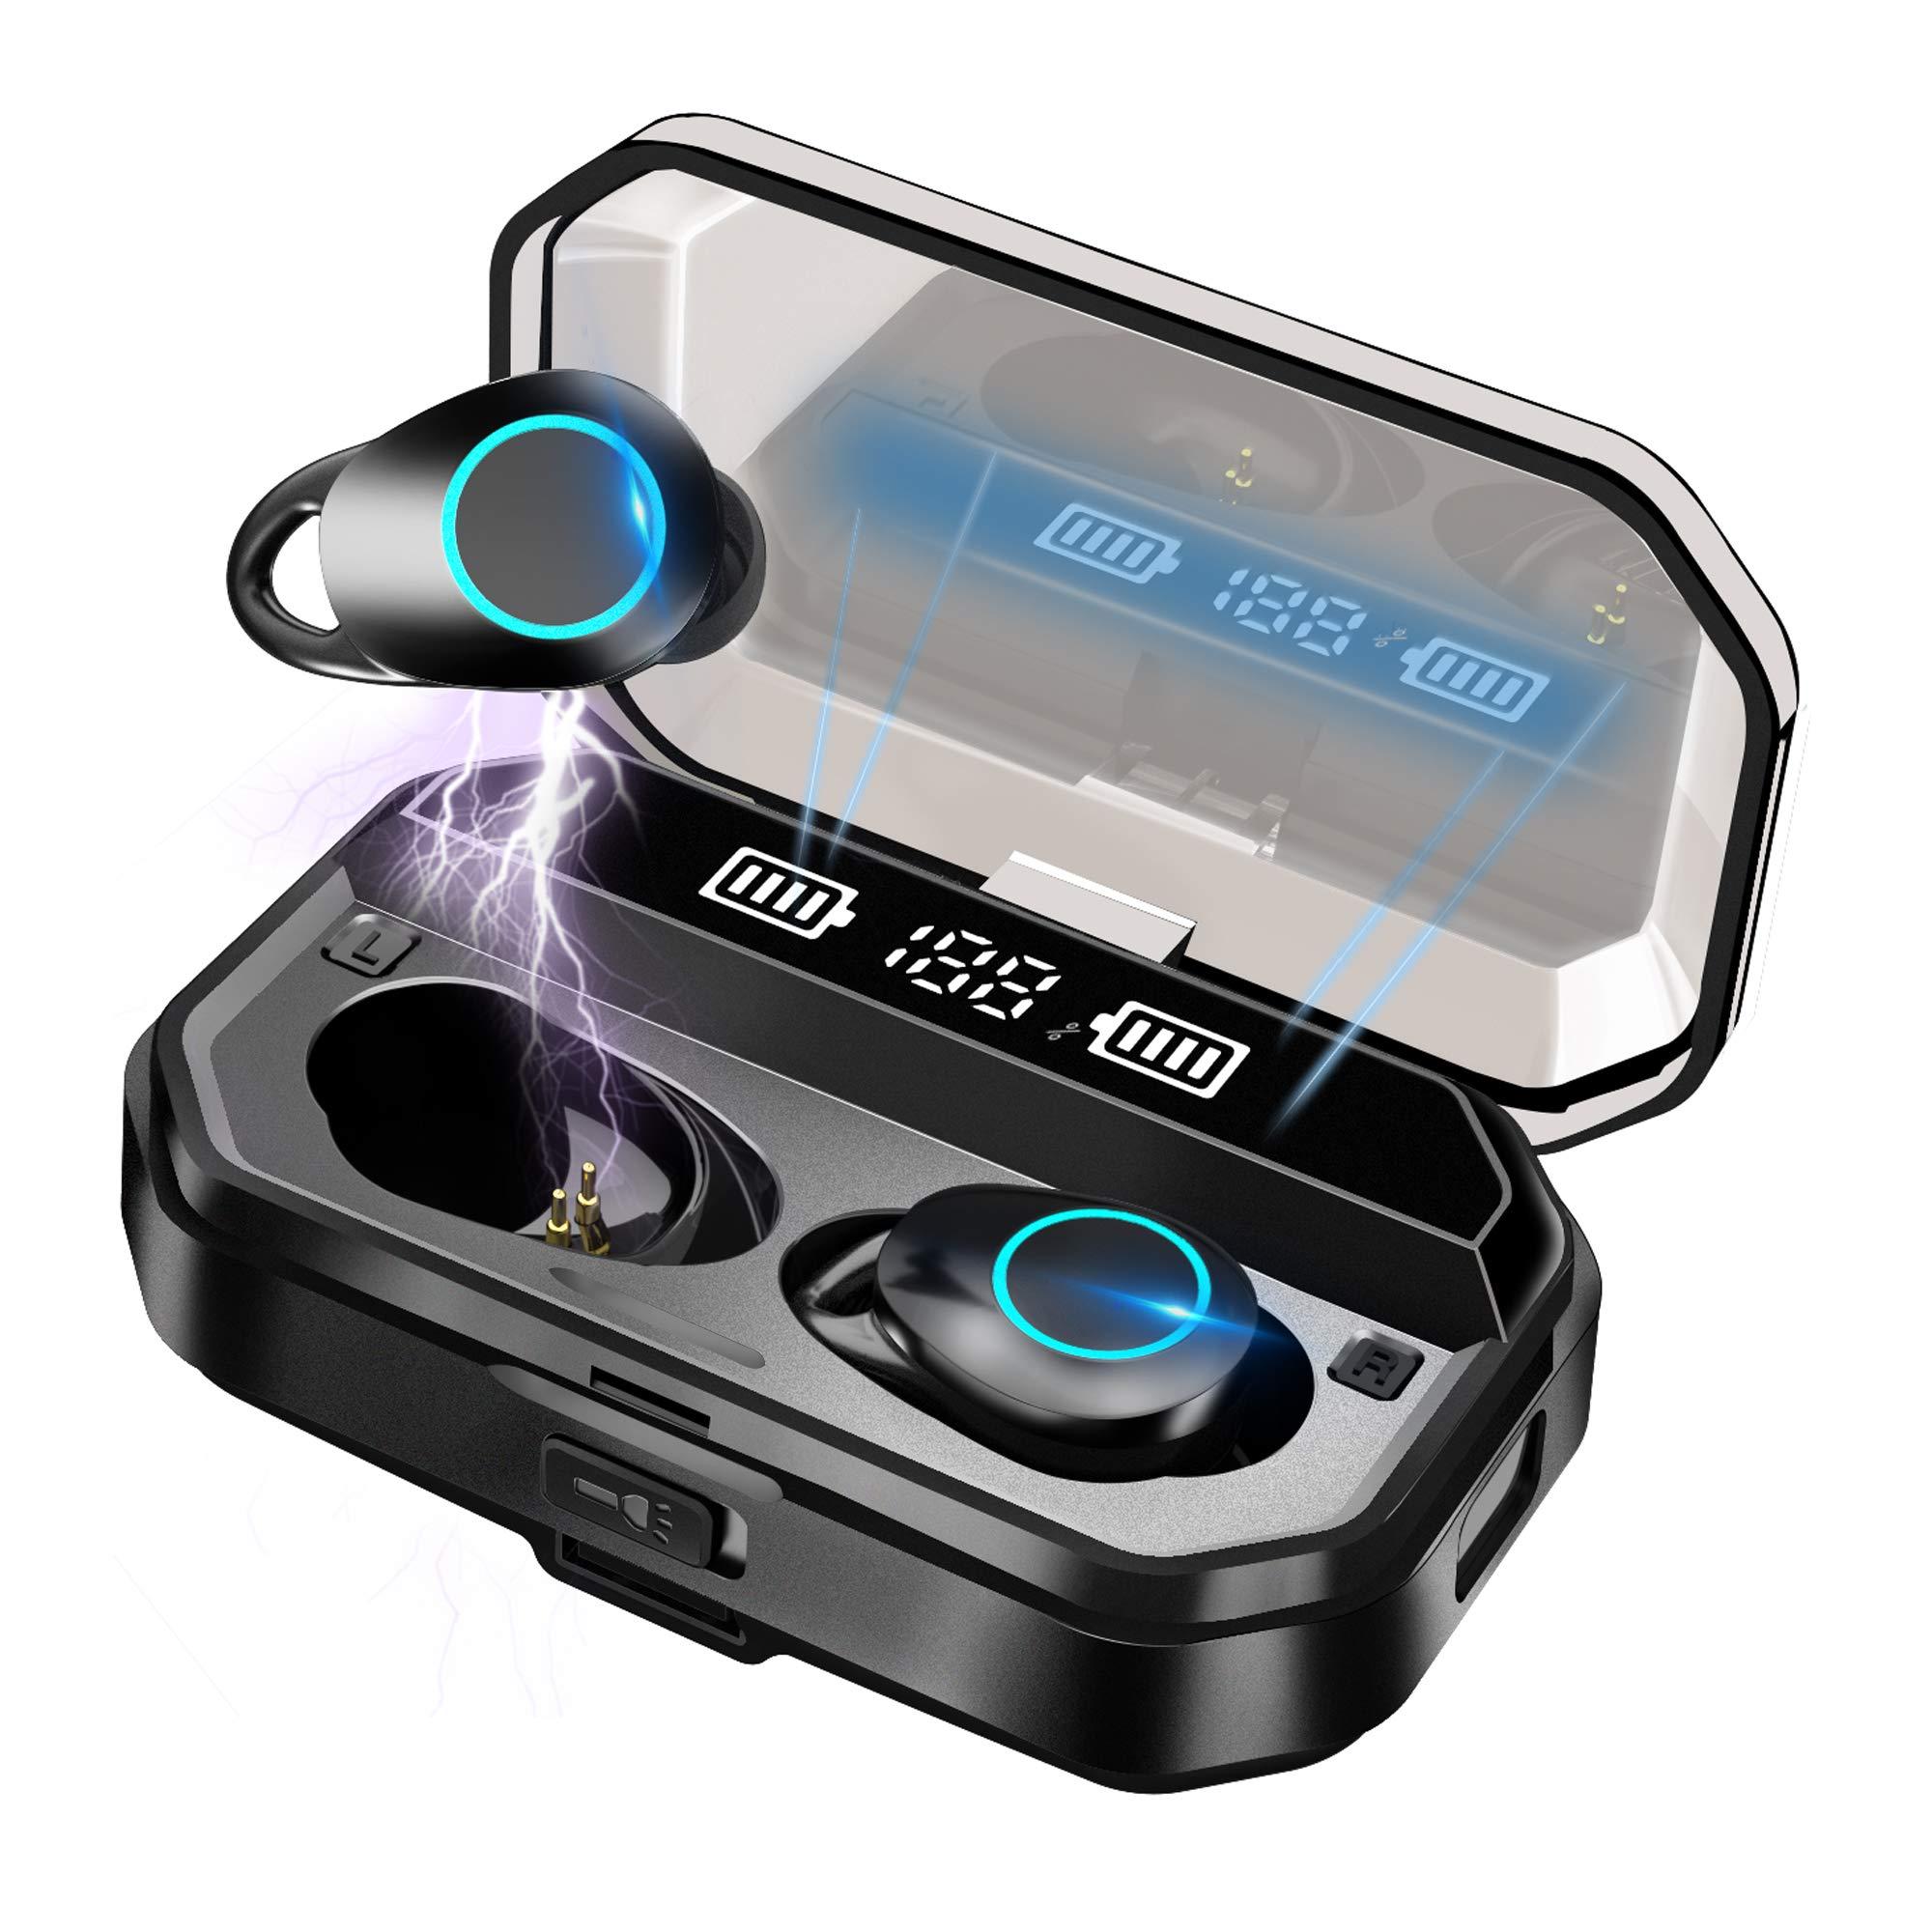 【2021年高級デザイン 】Bluetooth イヤホン ワイヤレスイヤホン ブルートゥースイヤホン Hi-Fi 高音質 最新Bluetooth5.1+EDR搭載 3Dステレオサウンド AACコーデック搭載 ノイズキャンセリング機能 自動ペアリング LED残量表示 装着感が快適 左右分離型 音量調整可能 IPX7防水 PSE/技適認証済 ブルートゥース 会議/テレワーク/通勤通学/ランニング/運転(4000mAh充電ケース付き イヤフォン本体5時間再生/合計200時間再生); セール価格: ¥2,999